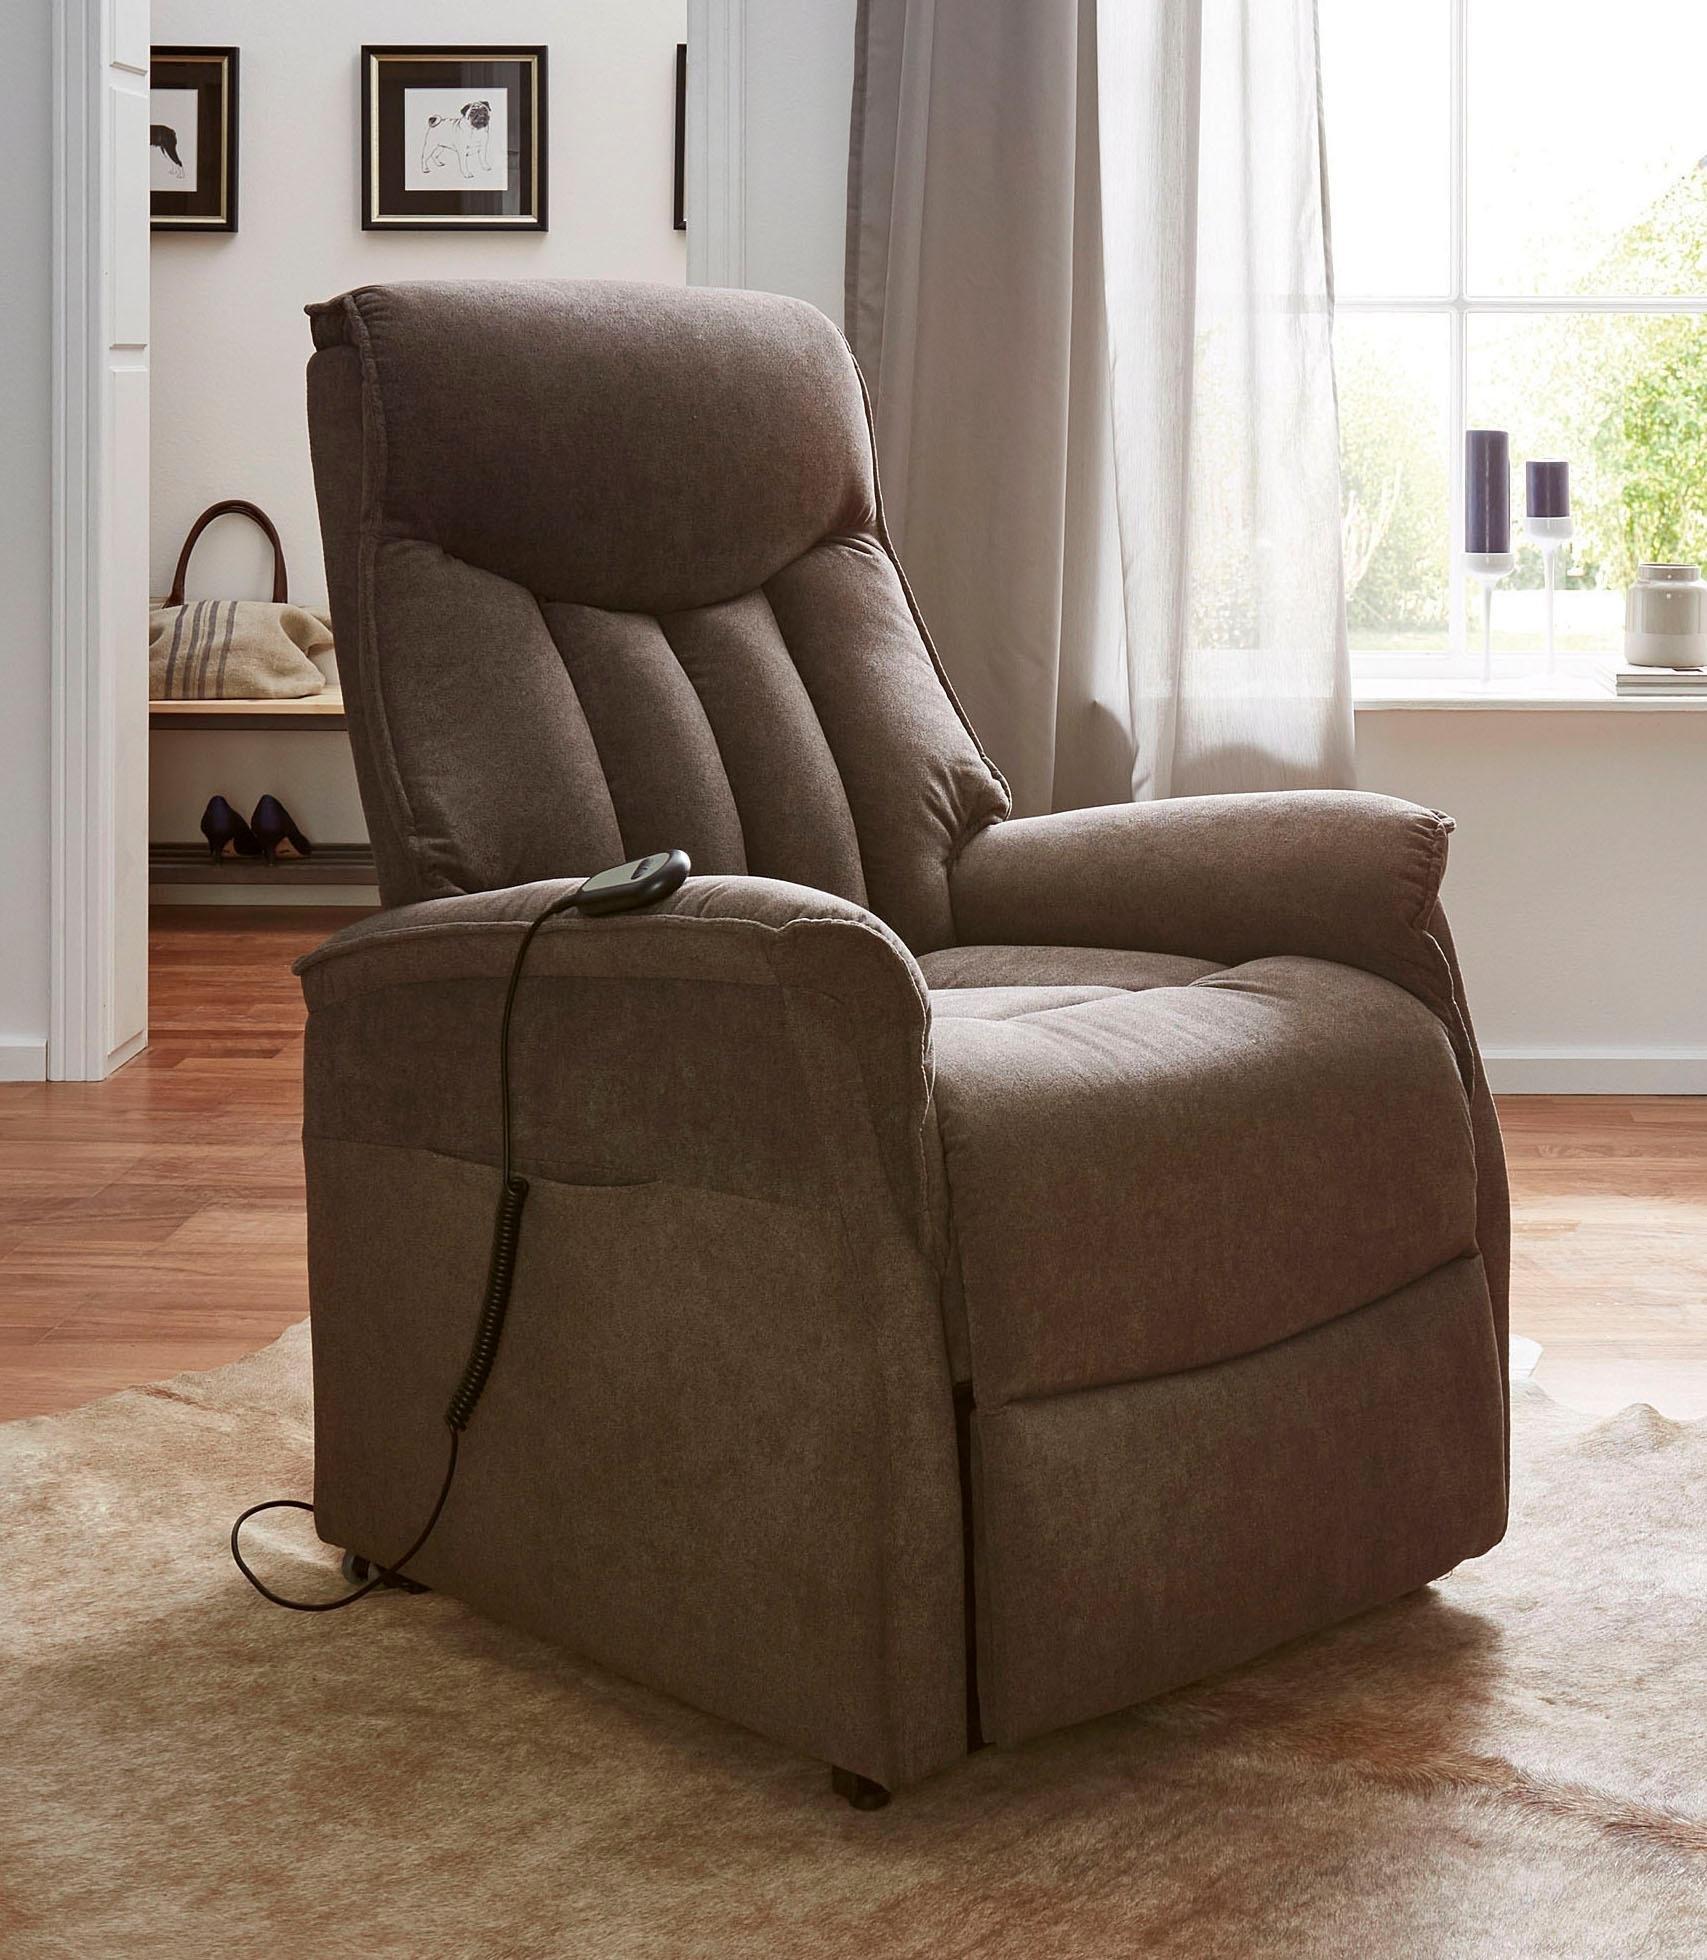 Duo Collection relaxfauteuil XXL, met opstahulp, belastbaar tot 150 kg voordelig en veilig online kopen